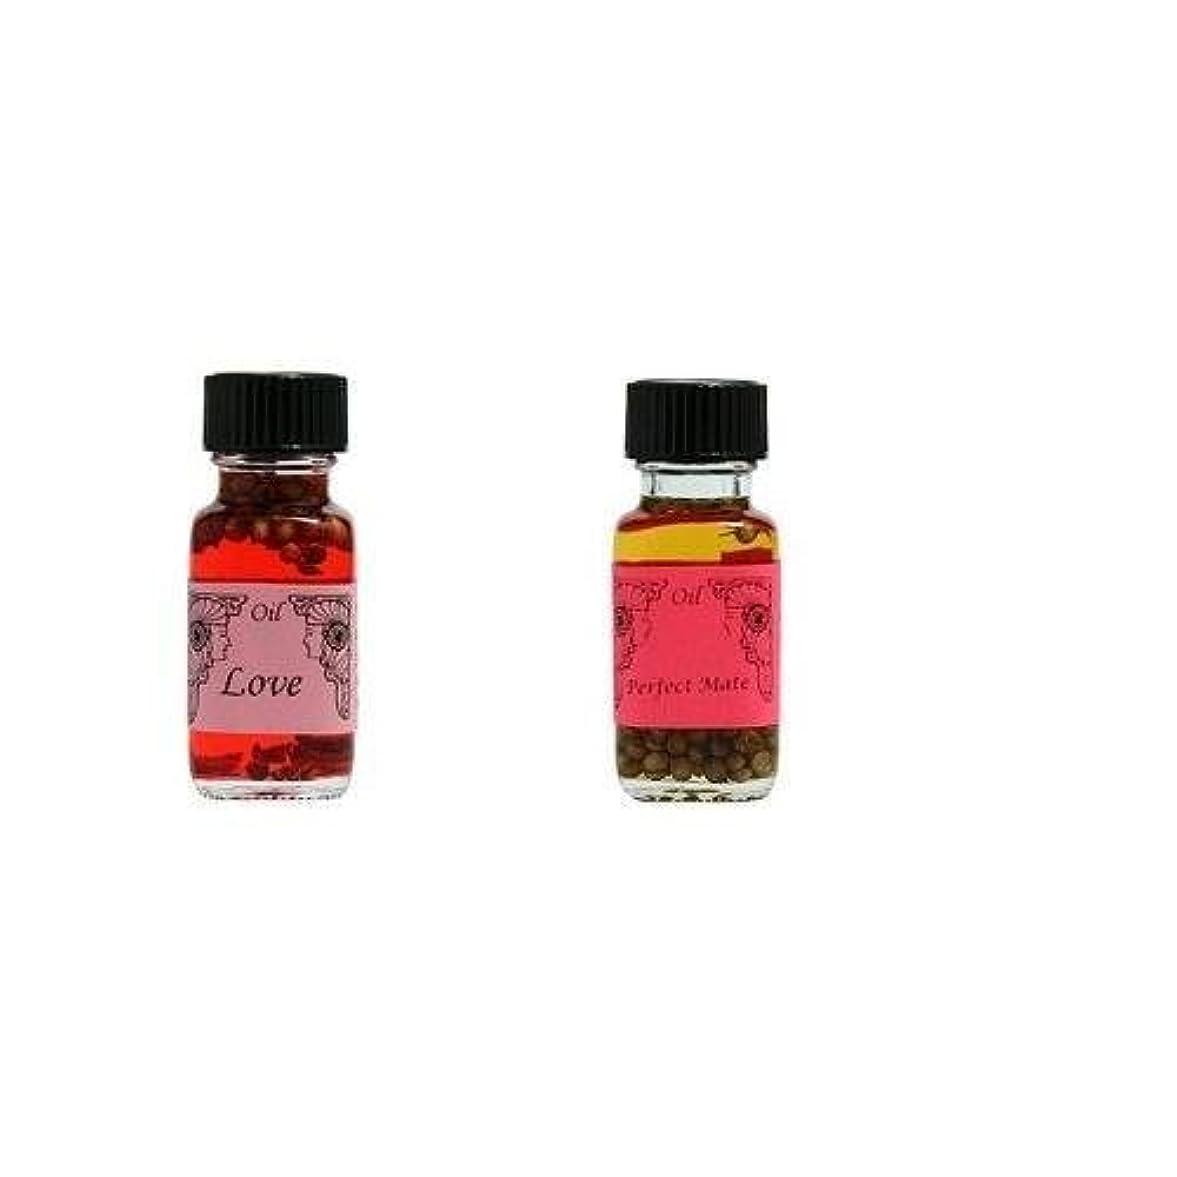 平等コンサルタントパターン【愛】+【パートナー】Ancient Memory Oils 【人気の2点セット】アンシェントメモリーオイル【LOVE】 +【PERFECT MATE】 【海外直送品】